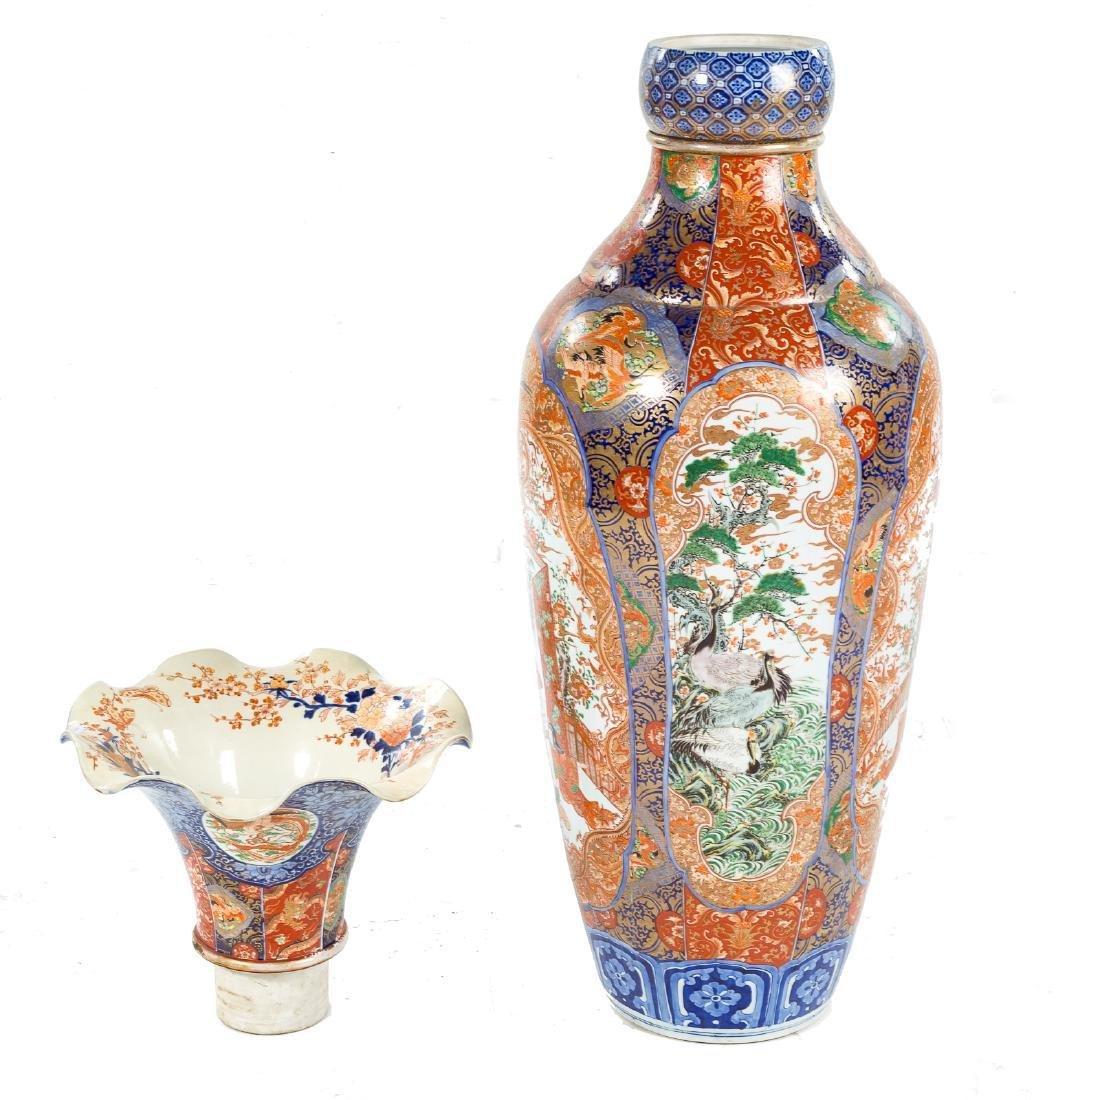 Japanese Imari porcelain monumental palace vase - 6